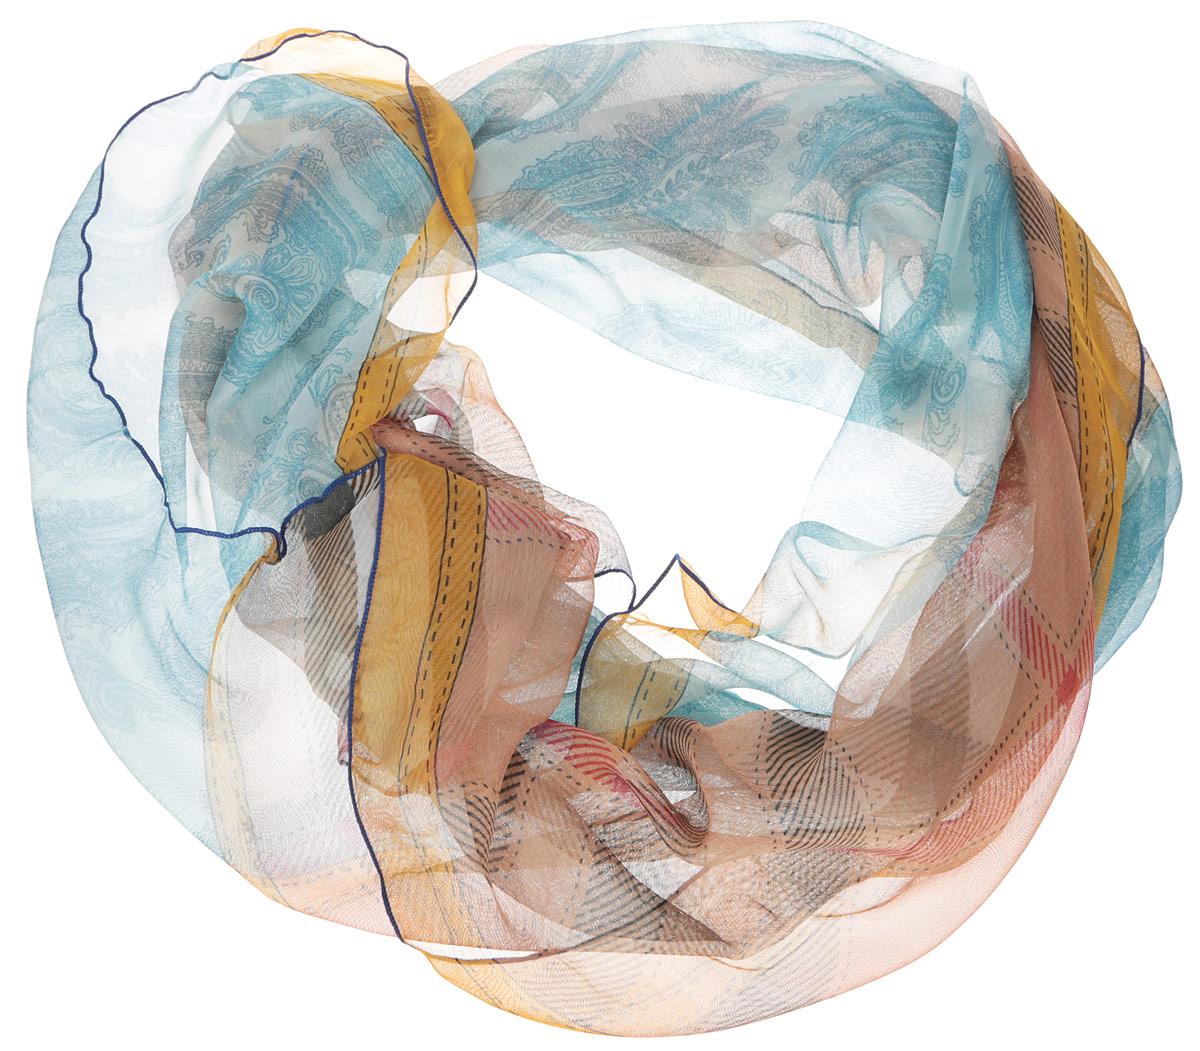 Шарф женский Fabretti, цвет: голубой, бежевый, желтый. RL0068-2. Размер 175 см х 95 смRL0068-2Женский шарф Fabretti позволит вам создать неповторимый и запоминающийся образ. Изготовленный из высококачественных материалов, он очень тонкий и легкий, имеет приятную на ощупь текстуру. Модель оформлена принтом в клетку, а также принтом с узорами. Такой аксессуар станет стильным дополнением к гардеробу современной женщины, стремящейся всегда оставаться яркой и элегантной.